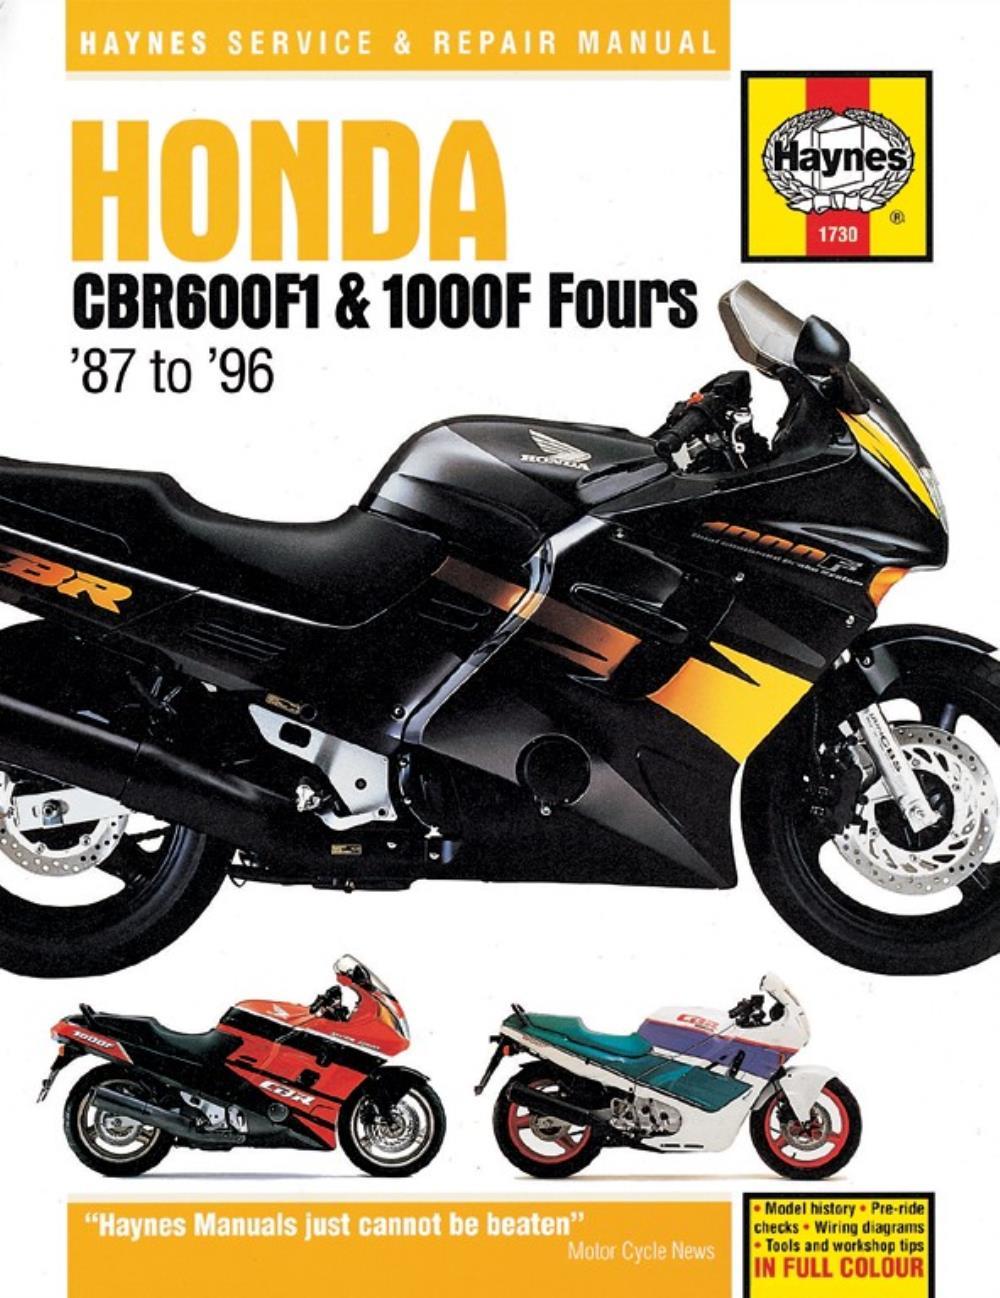 -L Manual Haynes for 1990 Honda CBR 600 F 1